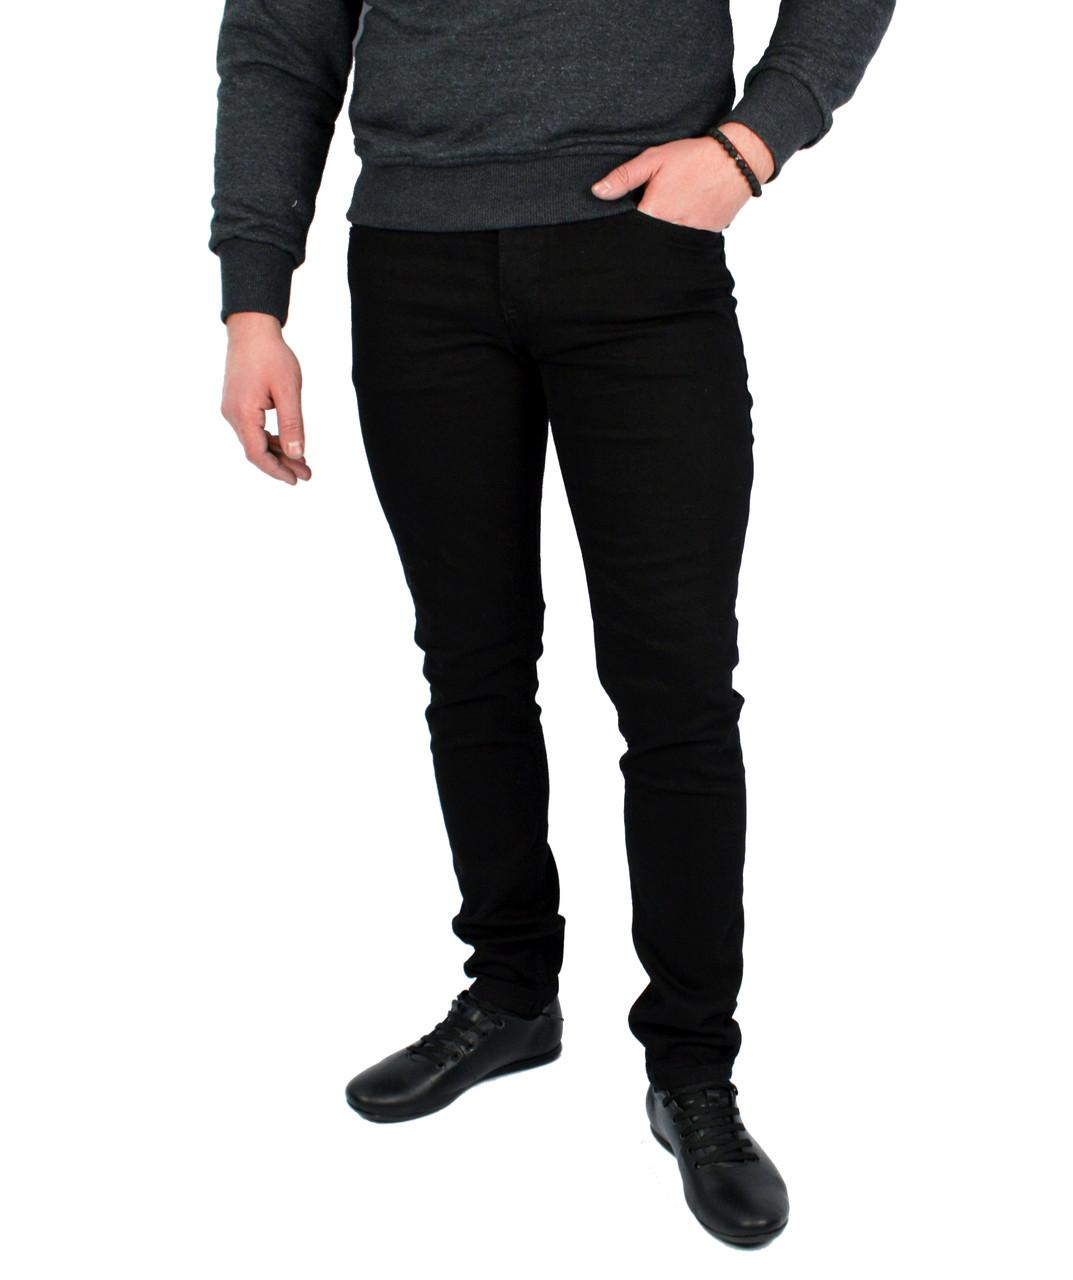 Черные джинсы зауженные H&M - BRAGG